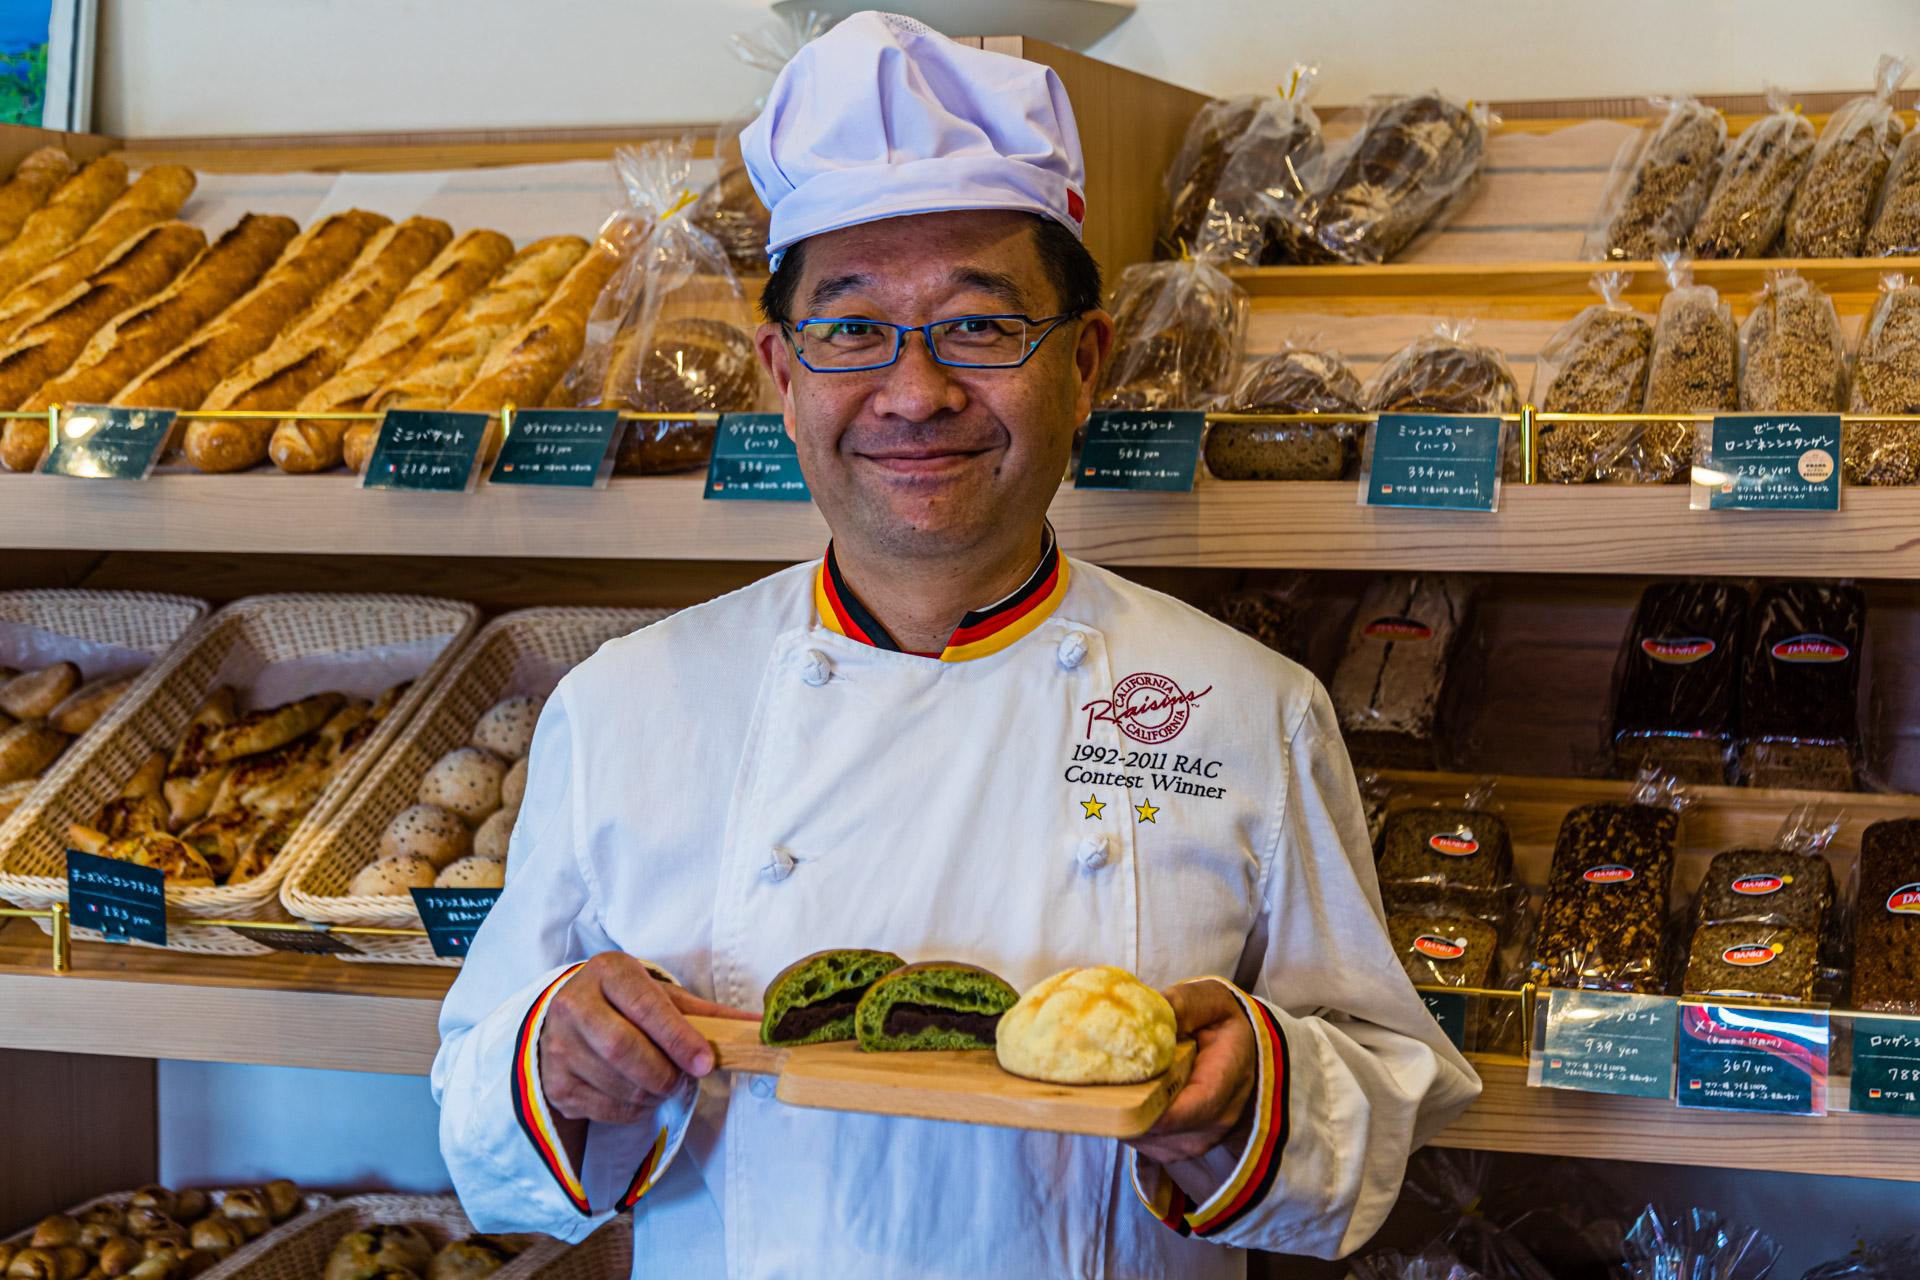 Japanese baker presents German pastries in Izunokuni, Japan